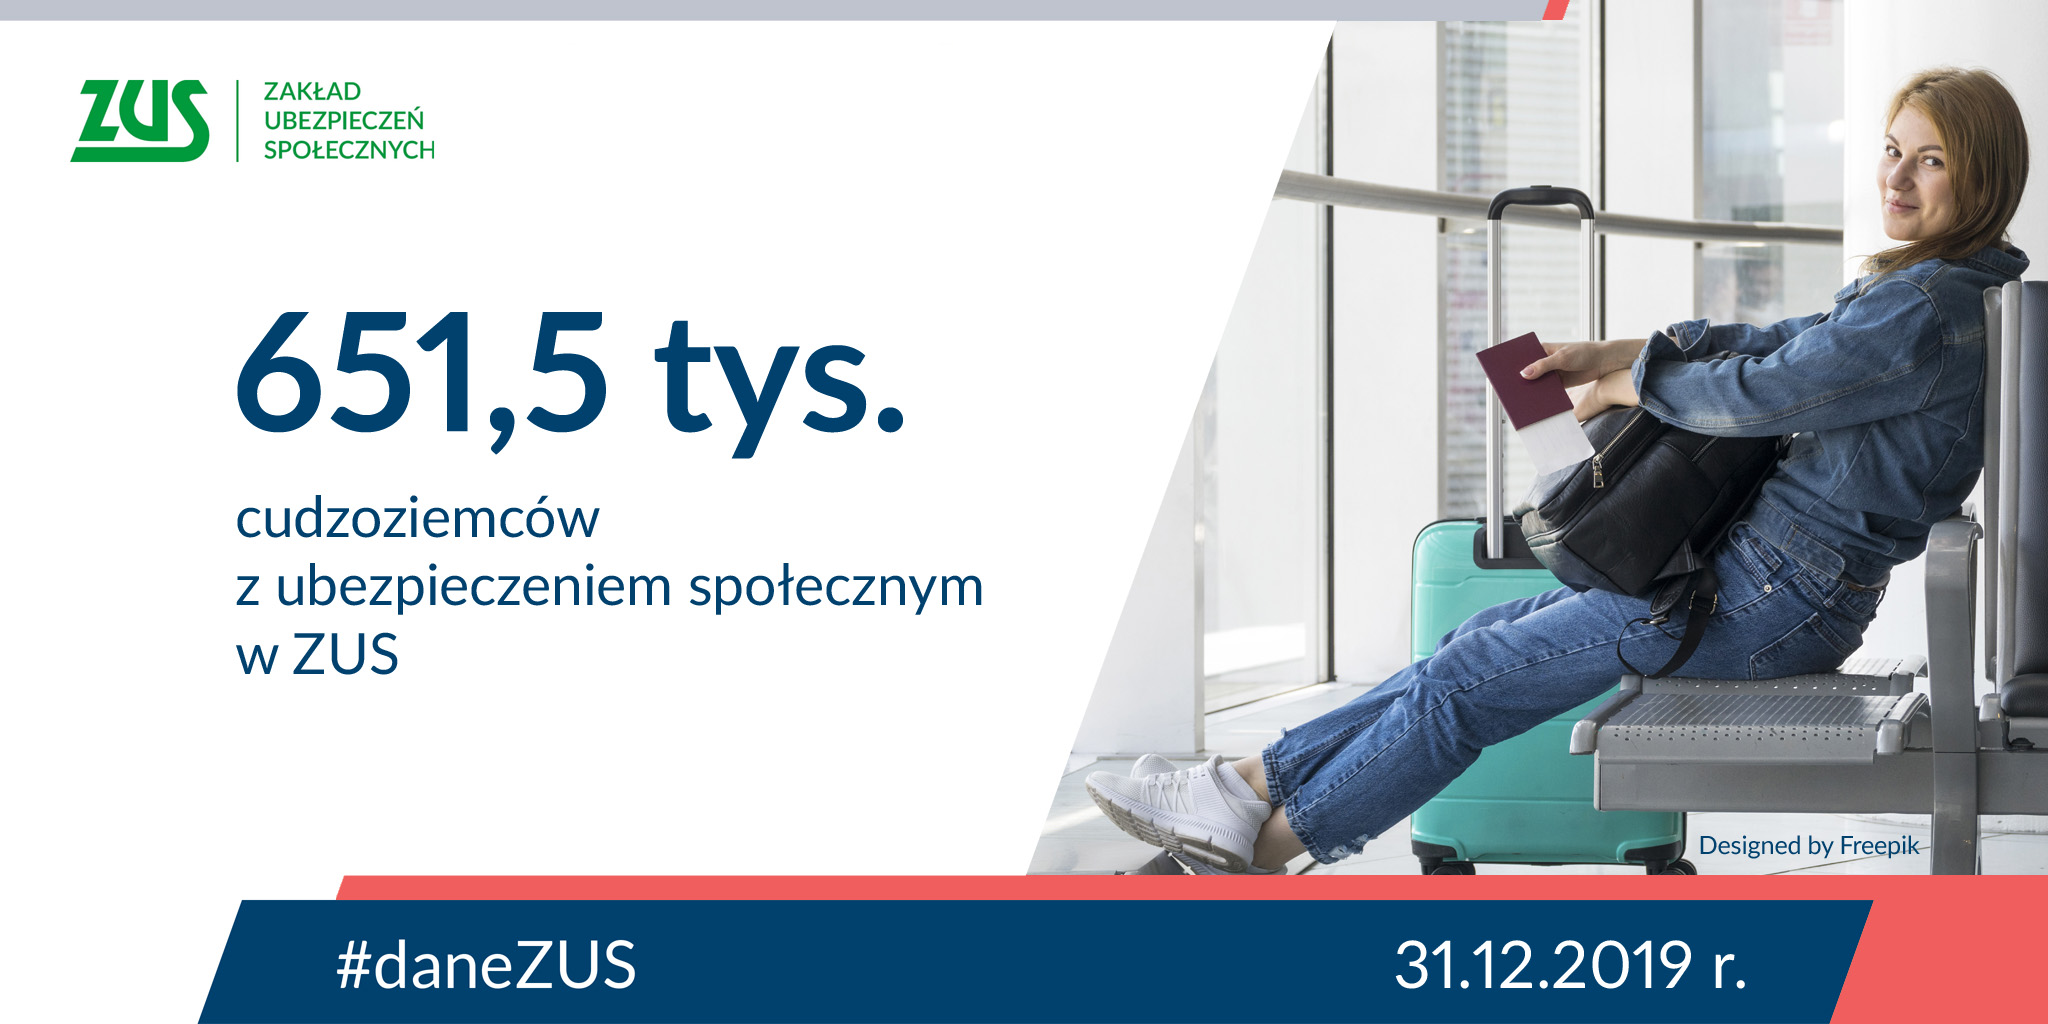 """ZUS on Twitter: """"📈 Na koniec grudnia ubiegłego roku ponad 6⃣5⃣1⃣ tys. cudzoziemców było zgłoszonych do ubezpieczeń emerytalnego i rentowych w #ZUS. Najwięcej było obywateli: 🇺🇦Ukrainy - 479,1 tys., 🇧🇾Białorusi - 42,7 tys., 🇬🇪 Gruzji - 10,6 tys. #daneZUS #cudzoziemcy… https://t.co/mowciuwWDR"""""""